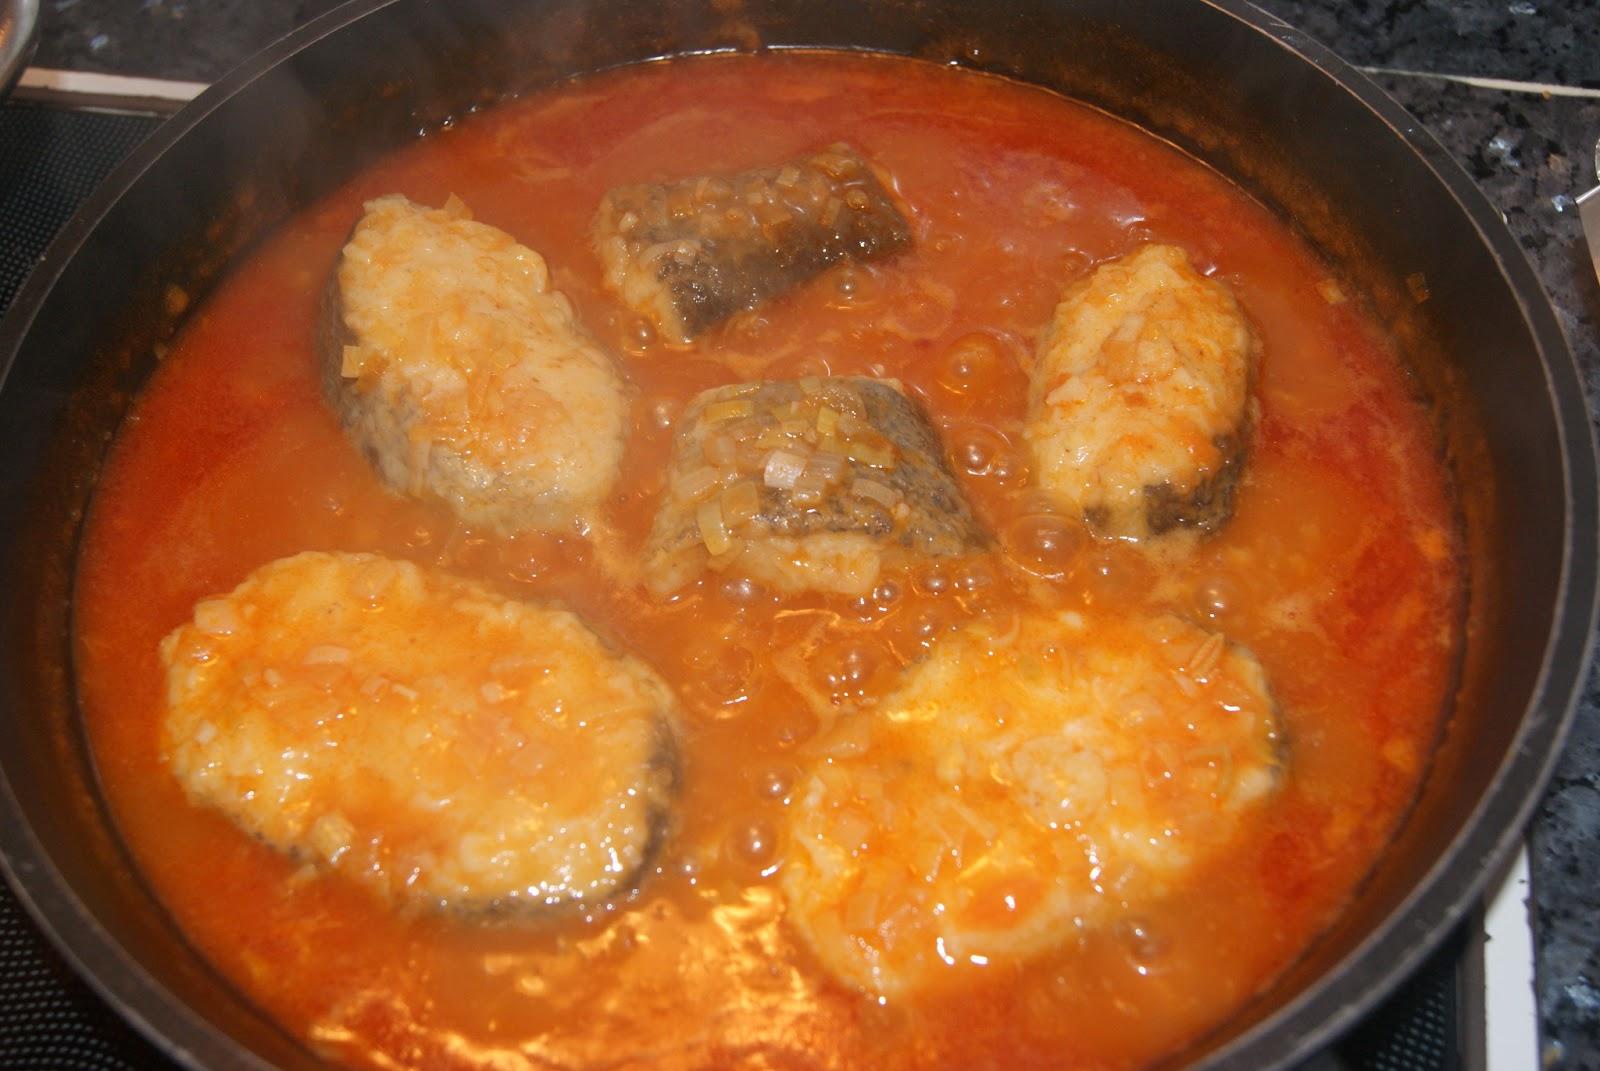 Bacalao fresco a la marinera el g de sasa for Hacer salsa marinera